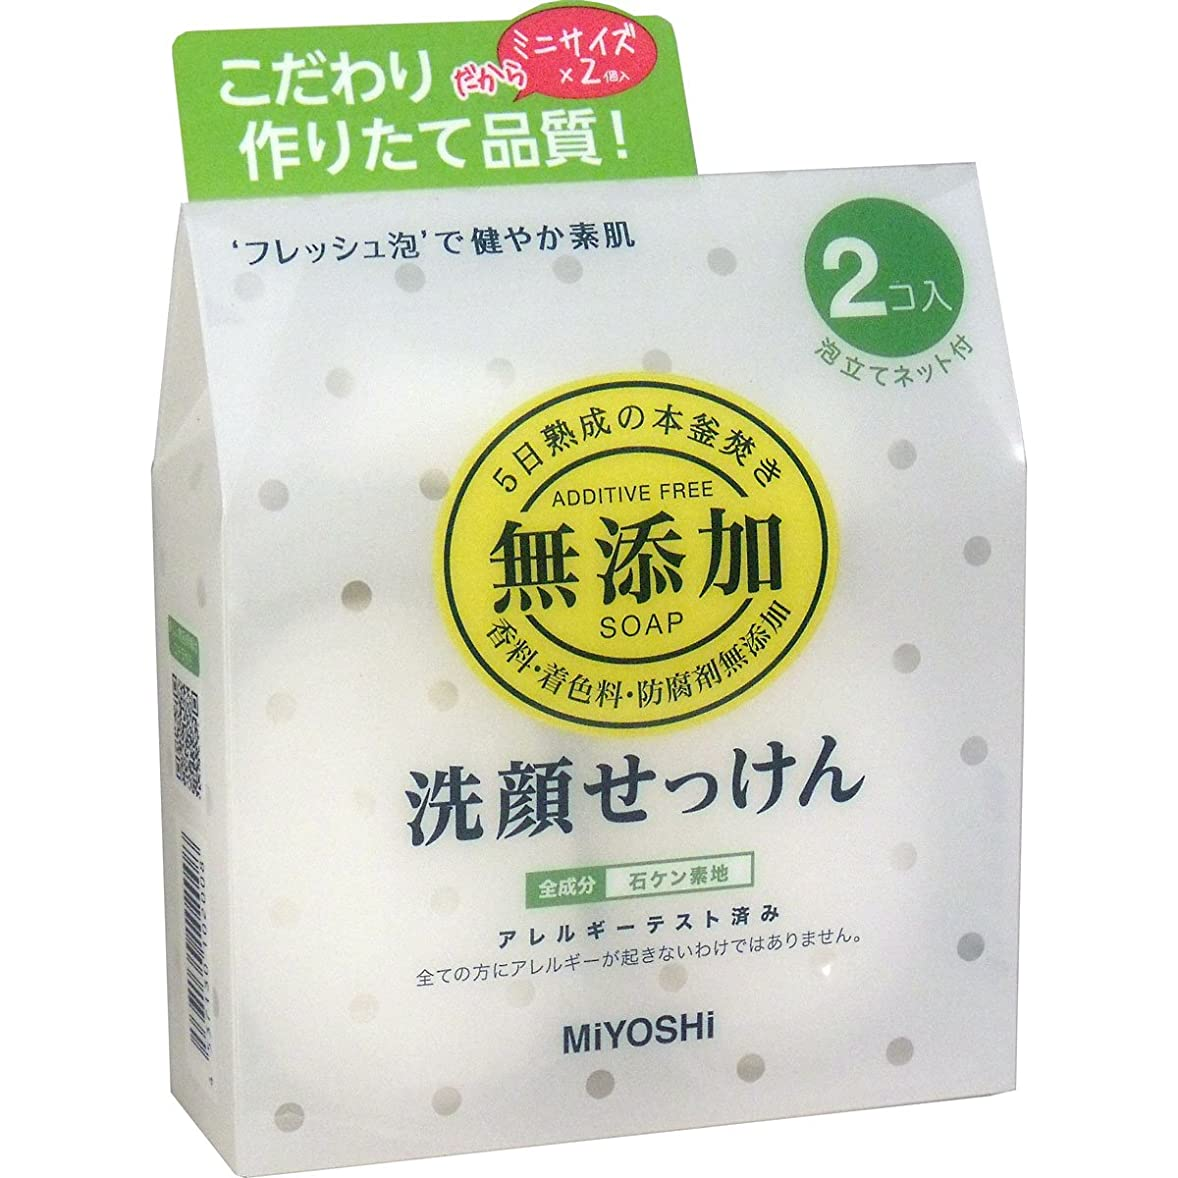 反逆第二に追放するミヨシ石鹸 無添加洗顔せっけん2個入 80g